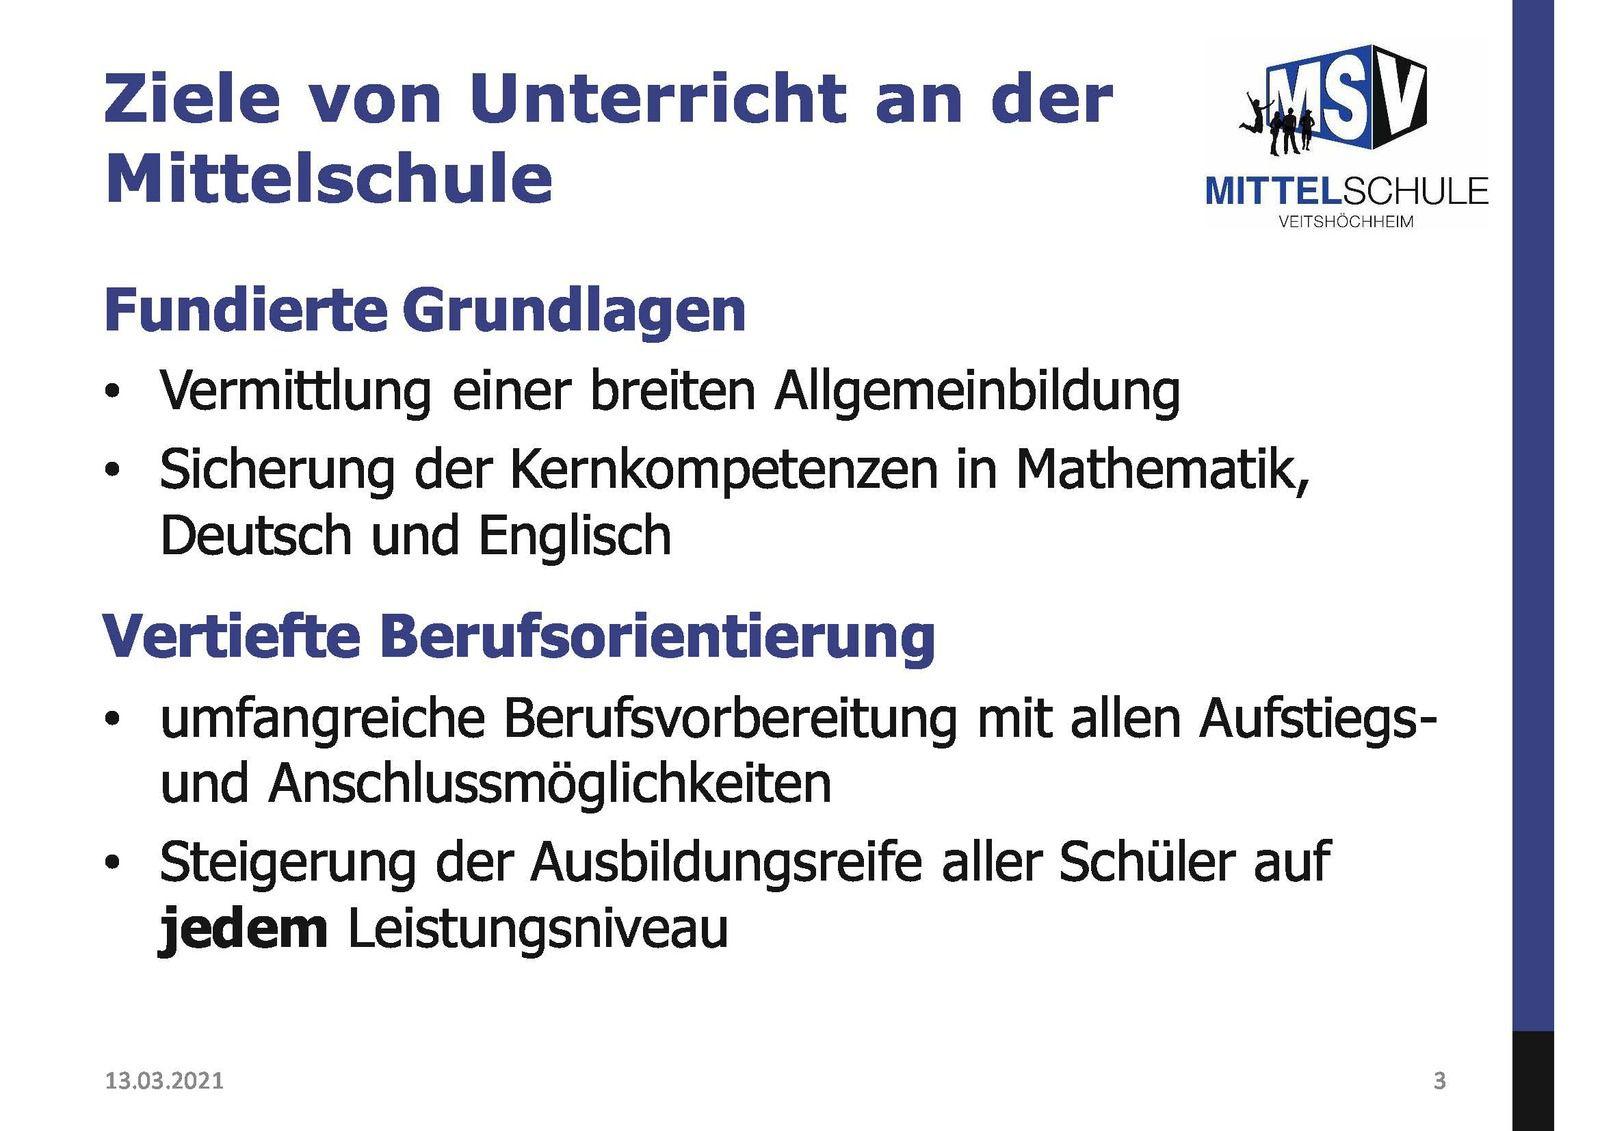 Infos über Mittelschule Veitshöchheim als weiterführende und berufsvorbereitende Schule